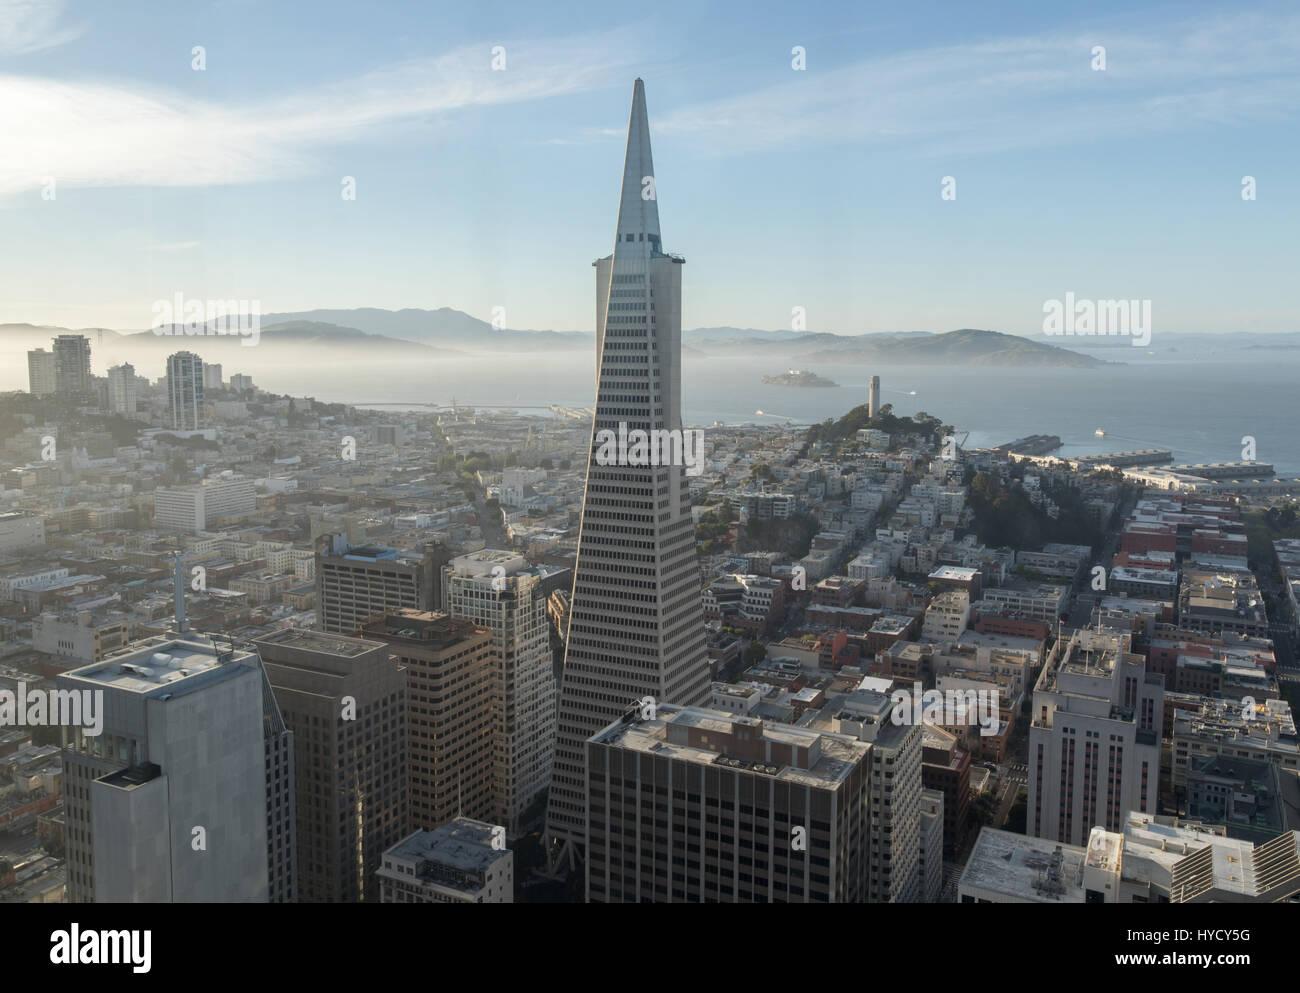 Vista aérea de San Francisco en el centro de la ciudad y la Bahía de San Francisco. Imagen De Stock